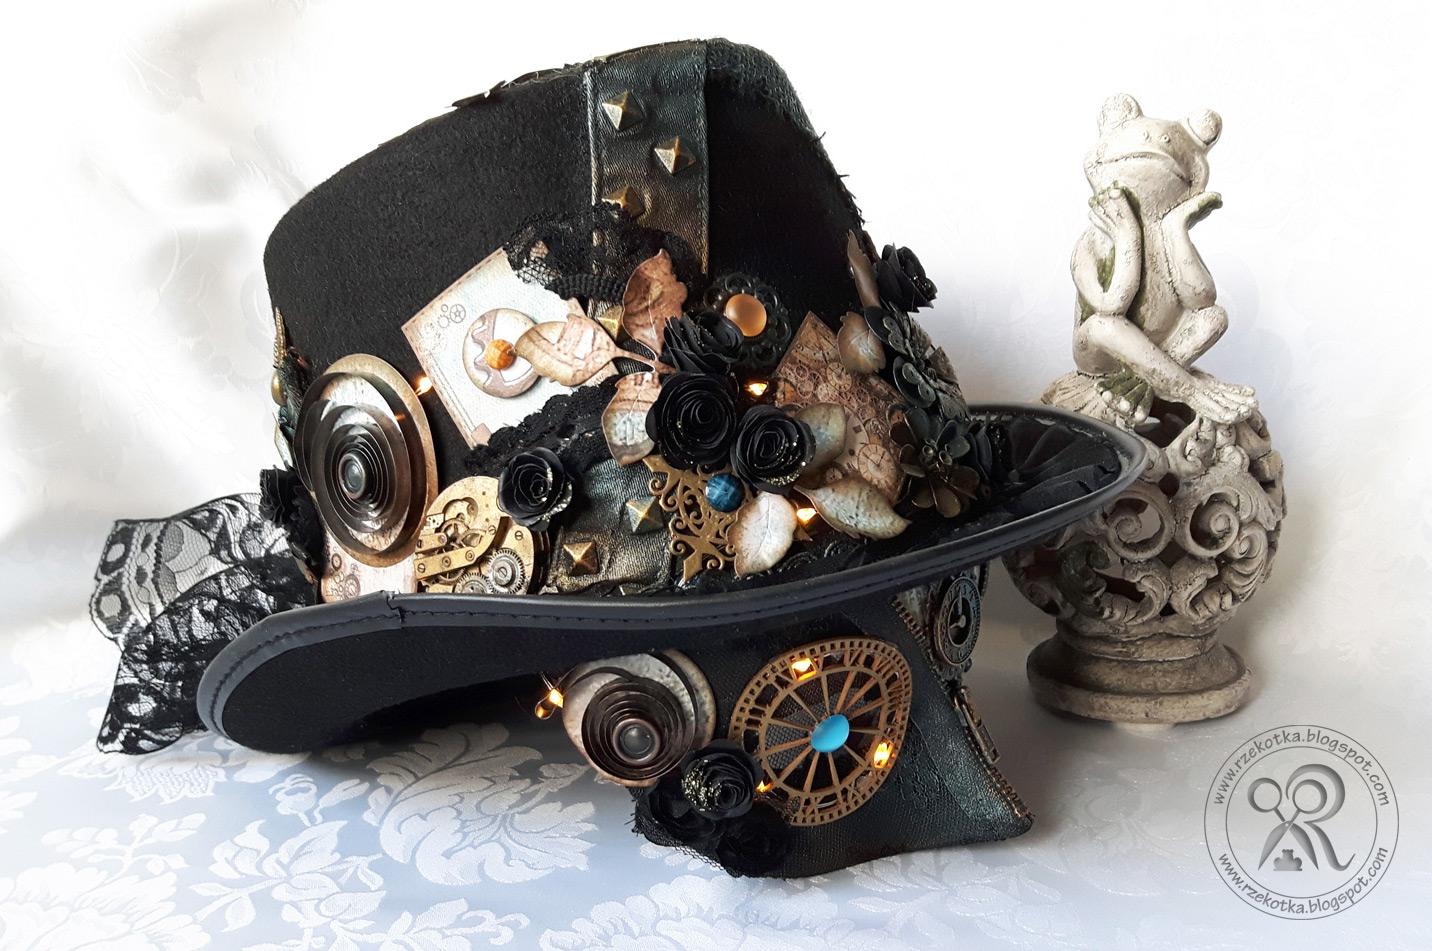 Maska karnawałowa w stylu steampunk